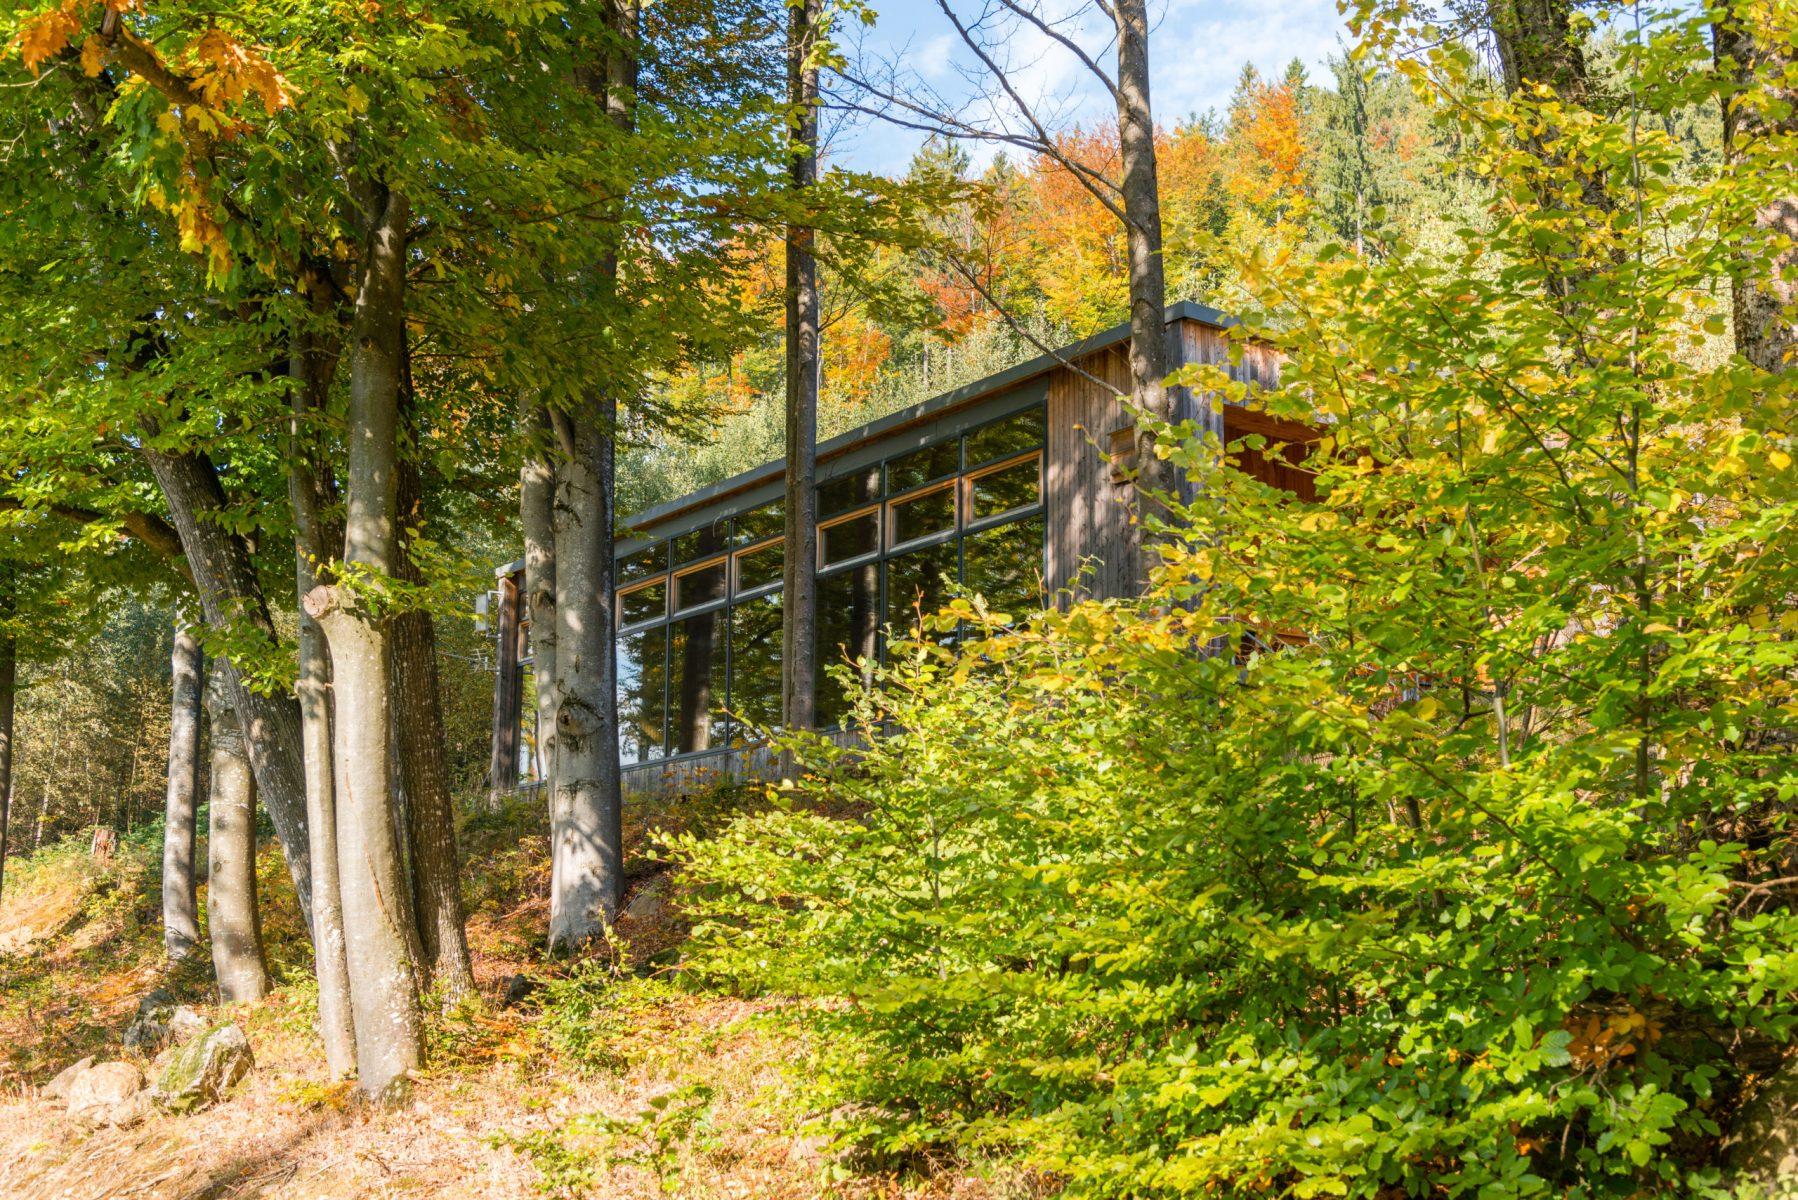 naturhaus, herbst, wald, blätter, laub